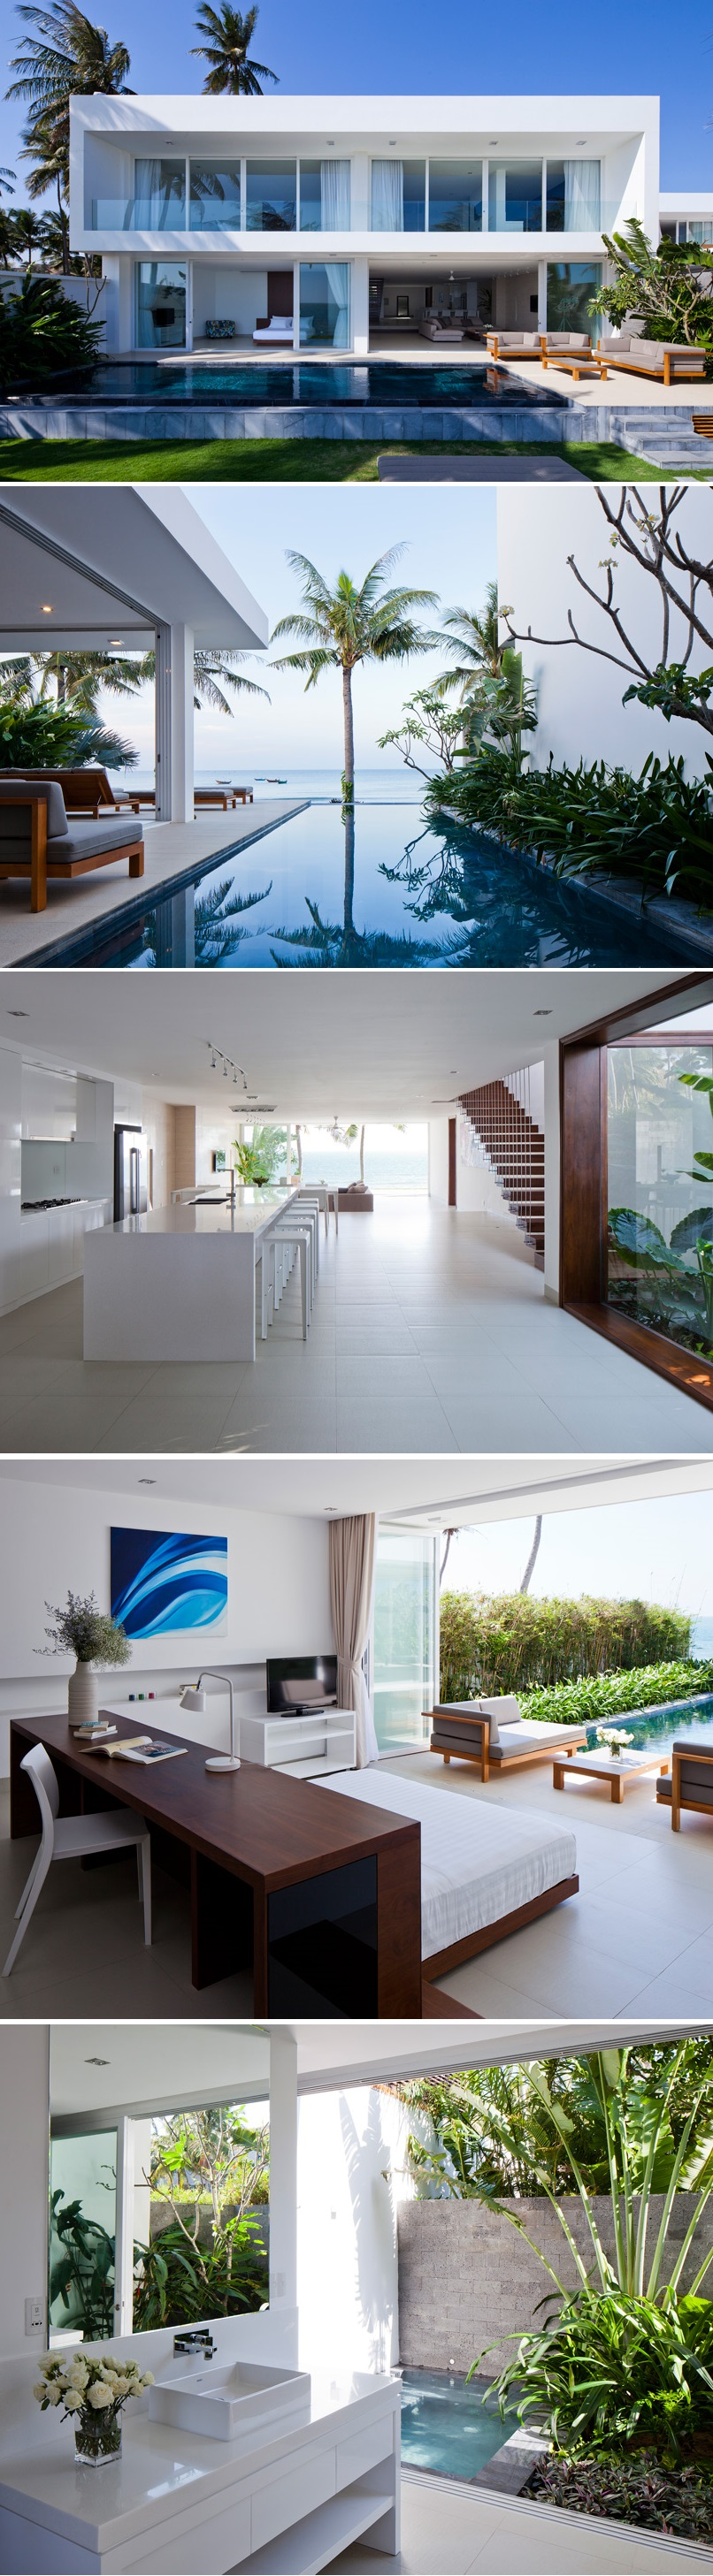 Casa de verão 3